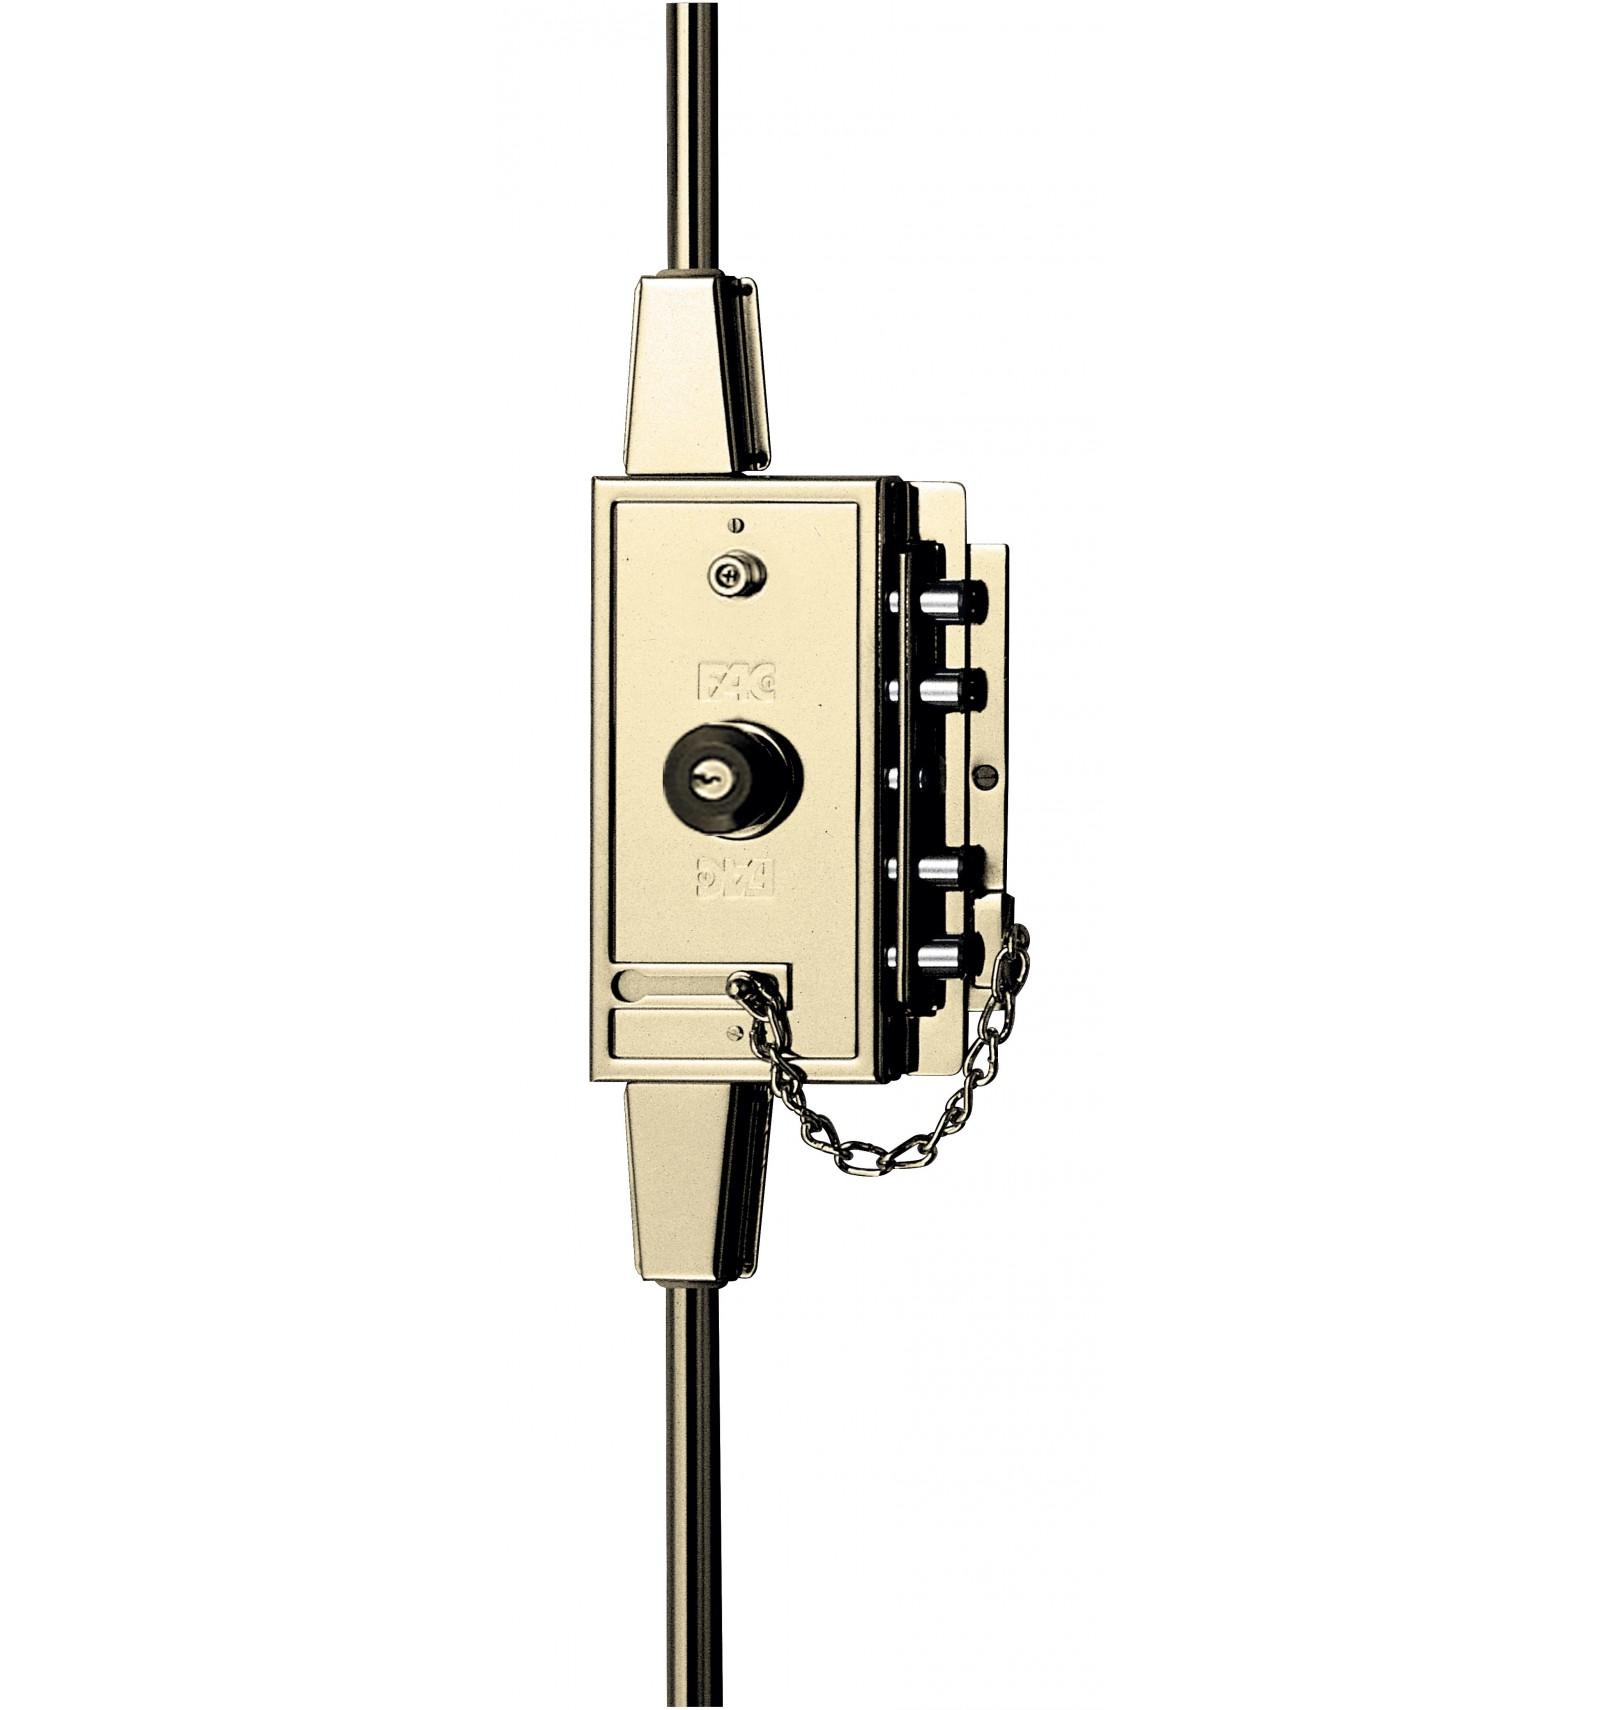 09585 cerradura de sobreponer mb 86 pl dorada fac - Cerraduras de seguridad ...